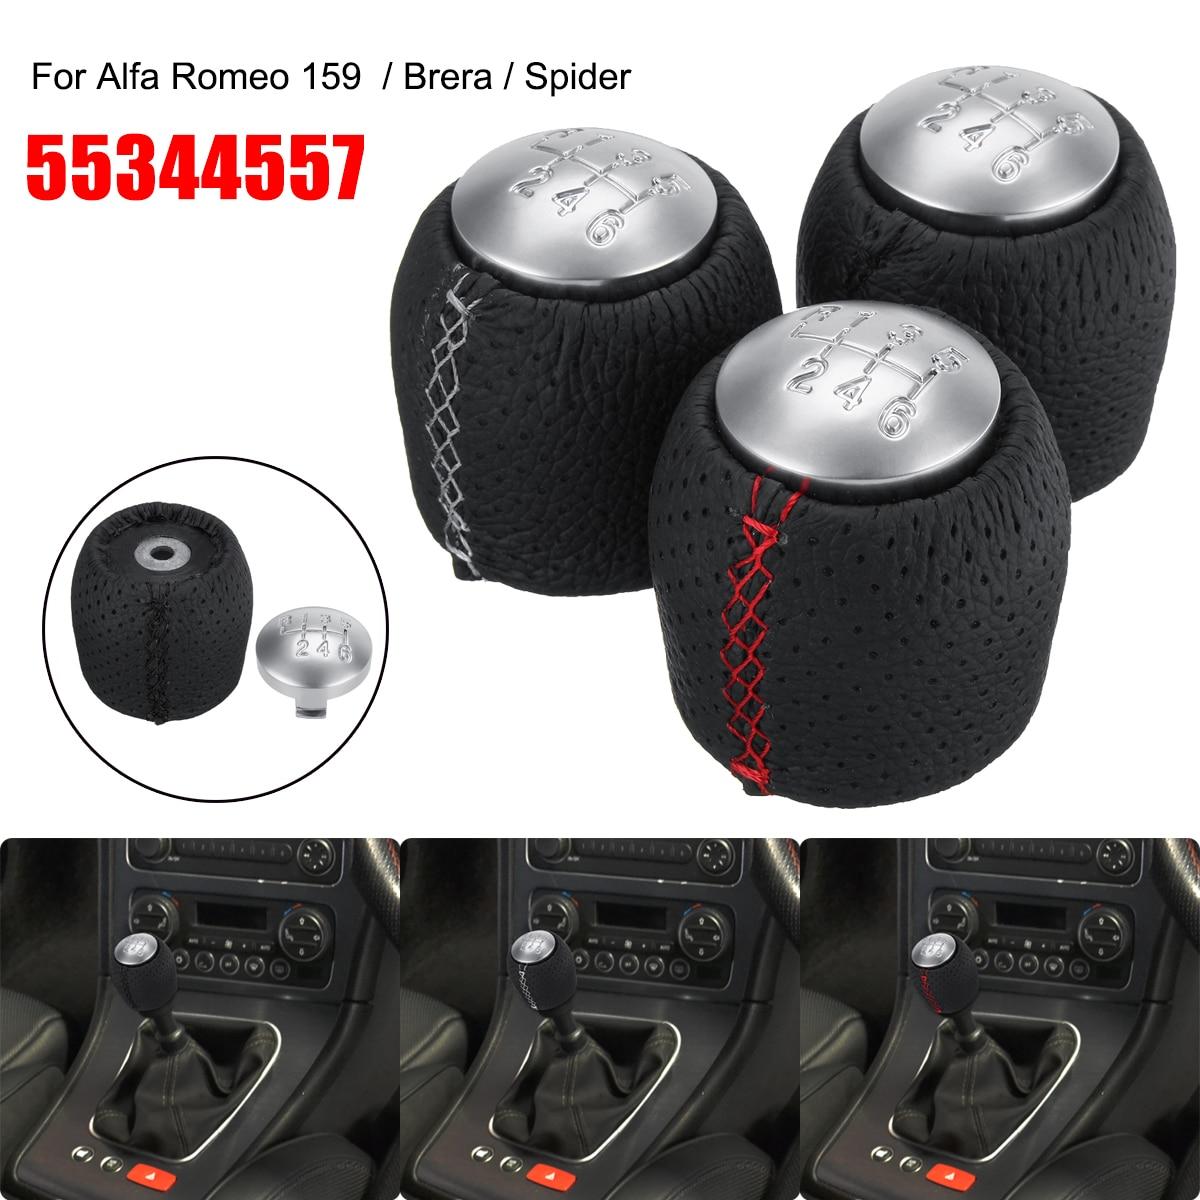 6 velocidad coche pomo del cambio de marchas para Alfa Romeo 159 Brera Spider 2005-2011 de 55344557 rojo, blanco, negro línea